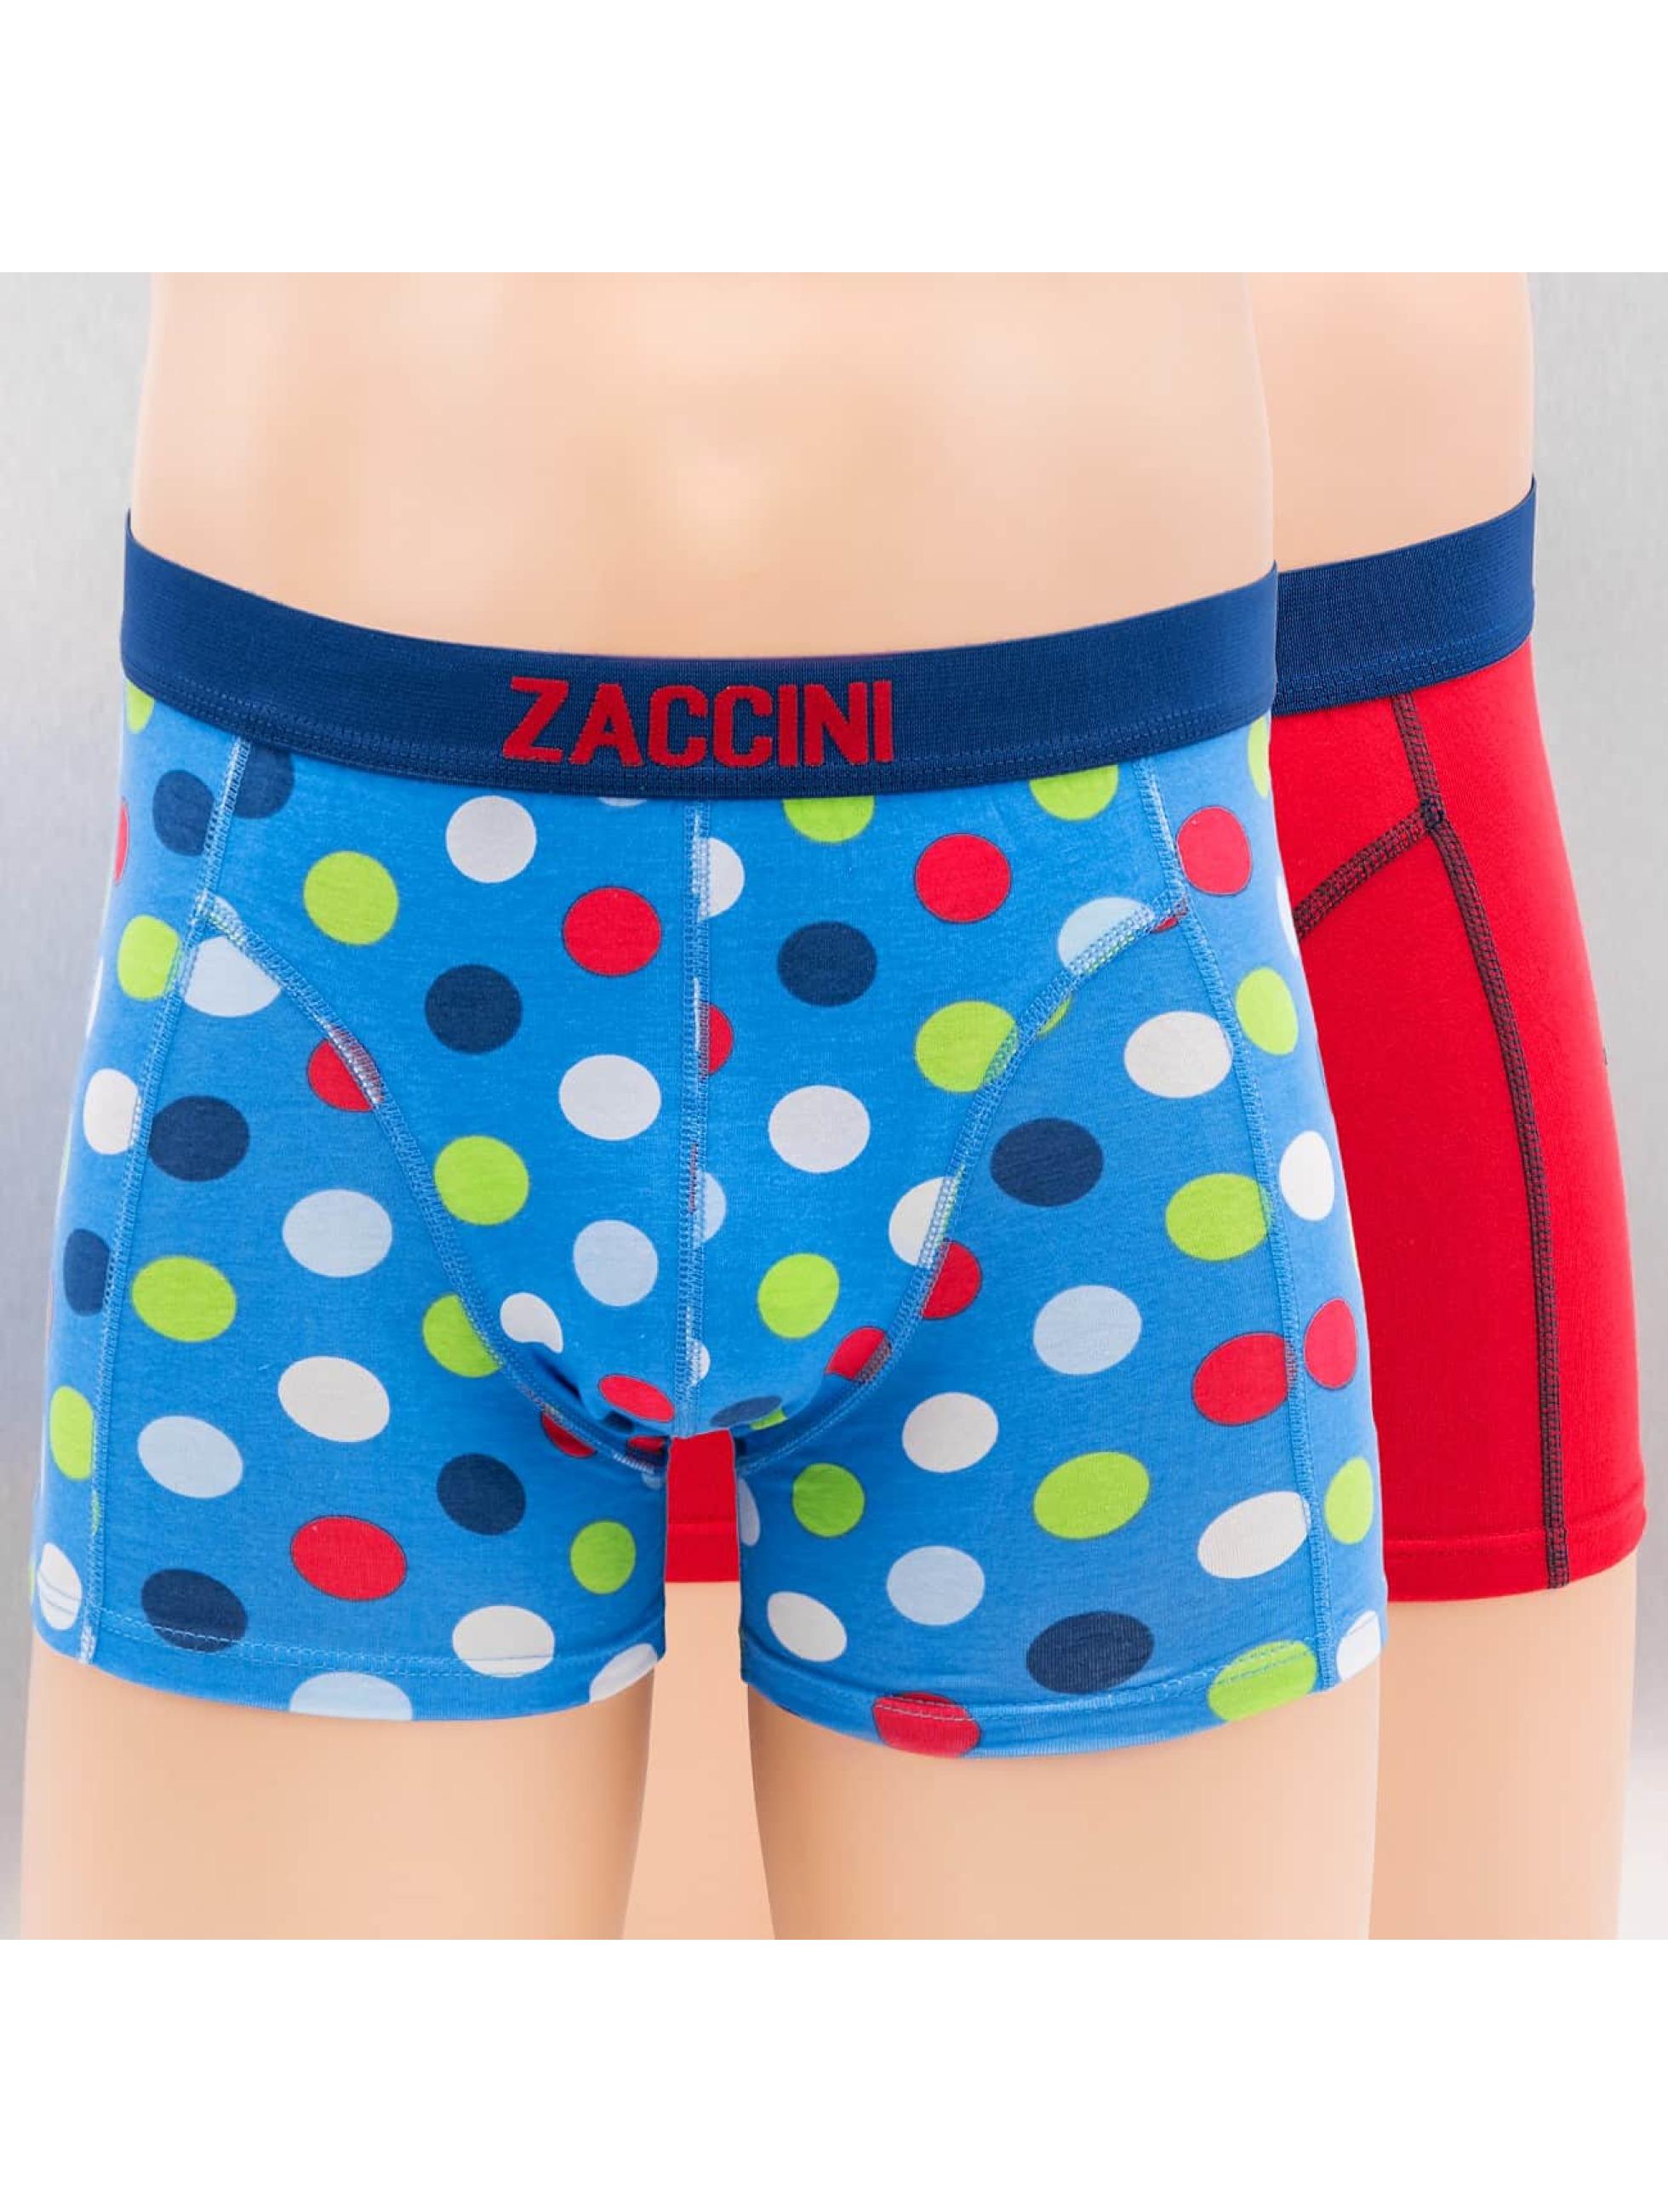 Zaccini Männer Boxershorts Confetti 2-Pack in blau